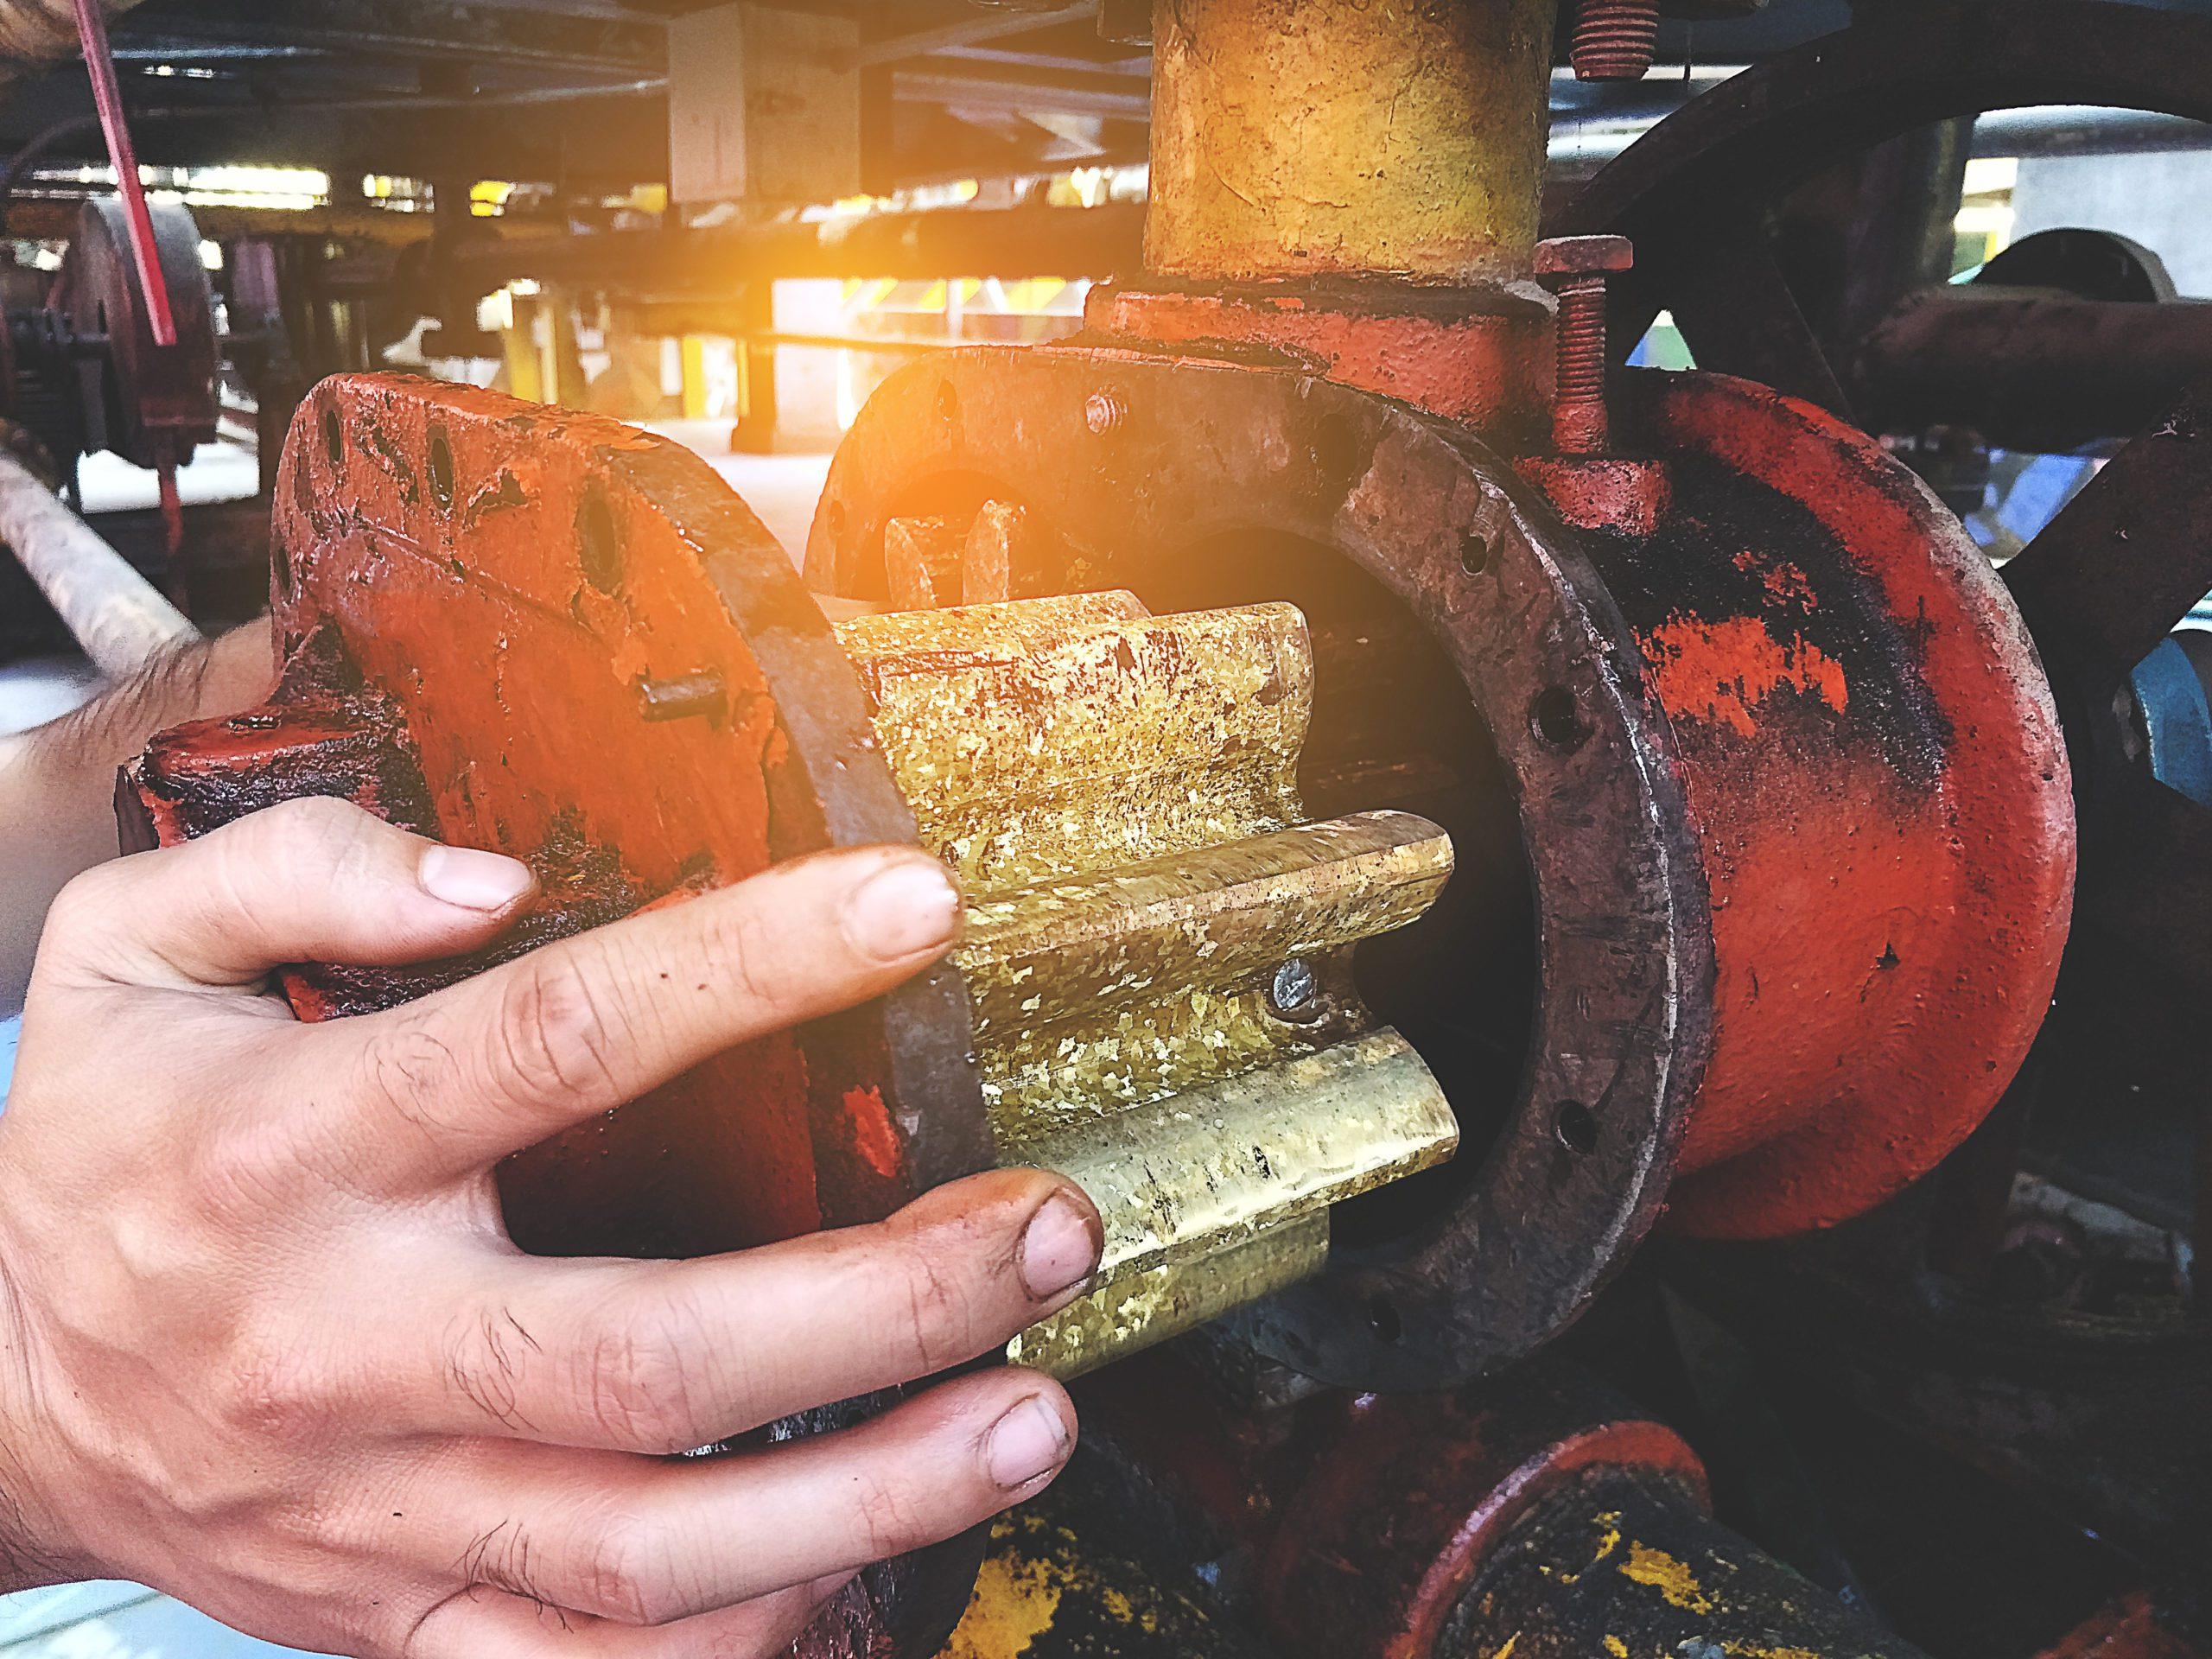 Engineering technicians are repairing the broken liquid pump gears